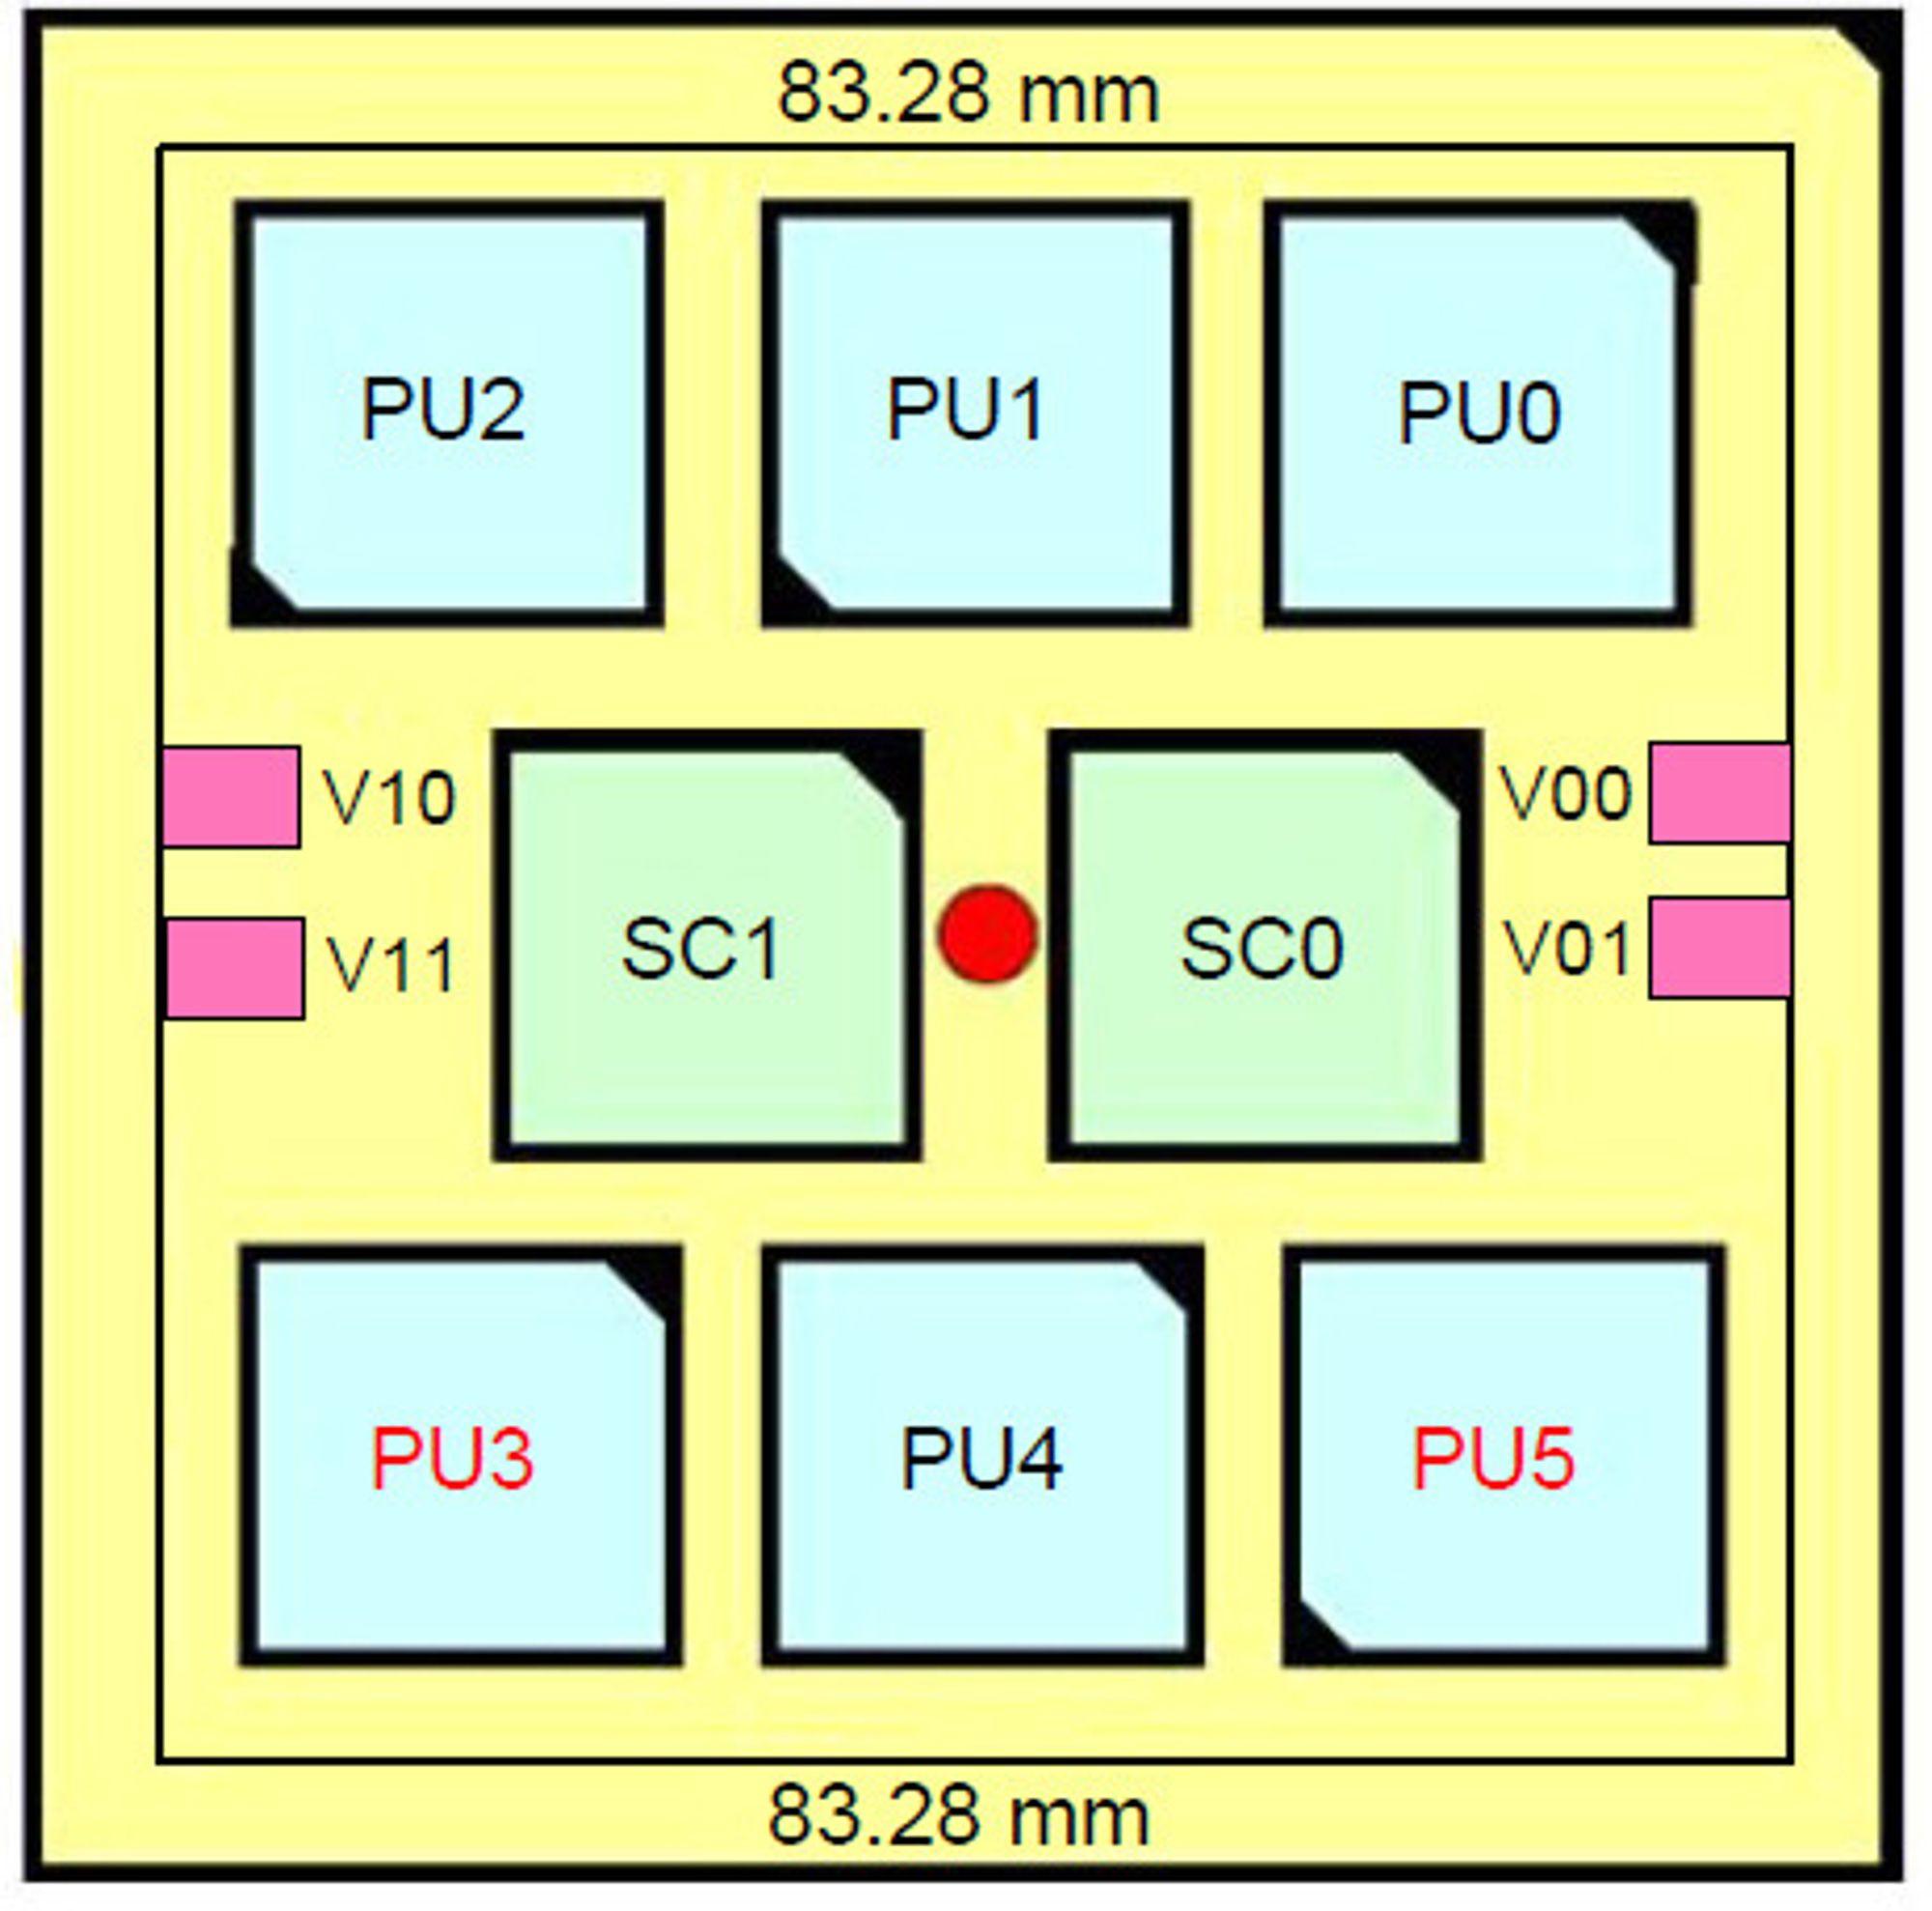 Brikkemodul med seks IBM z196-prosessorer (PUx) og to lagringskontrollere (SCx). Det delte L4 cacheminne finnes i SC0 og SC1.